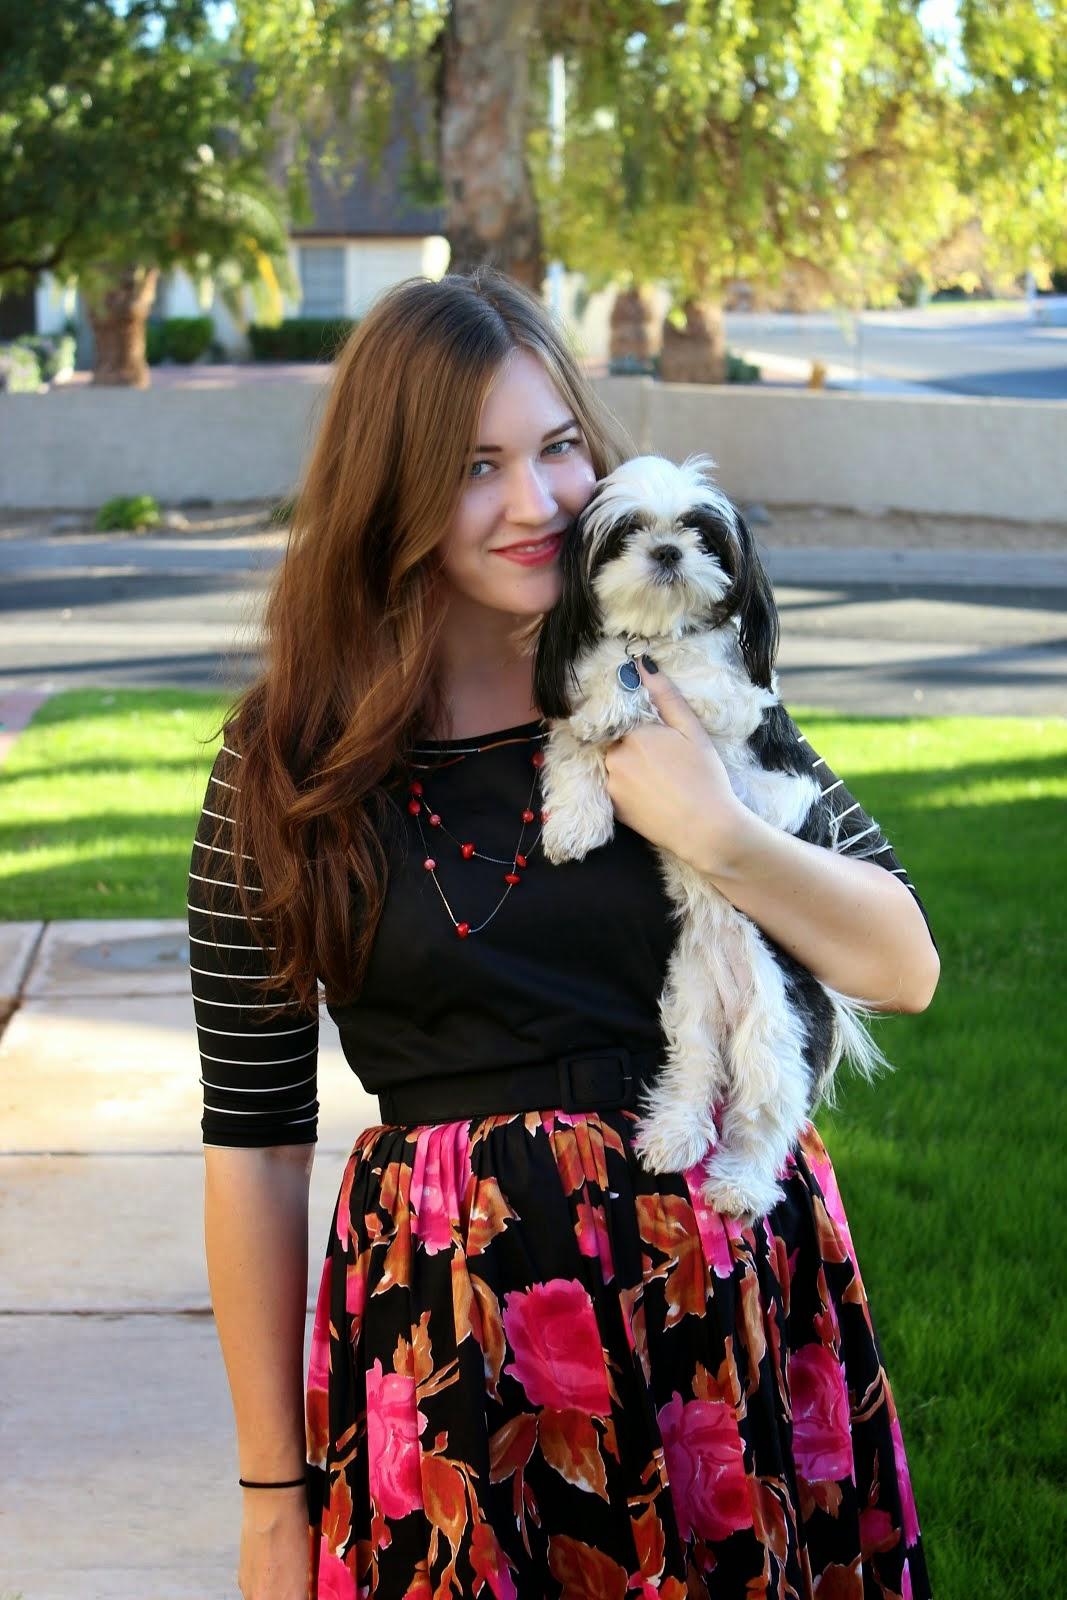 Tarley & I